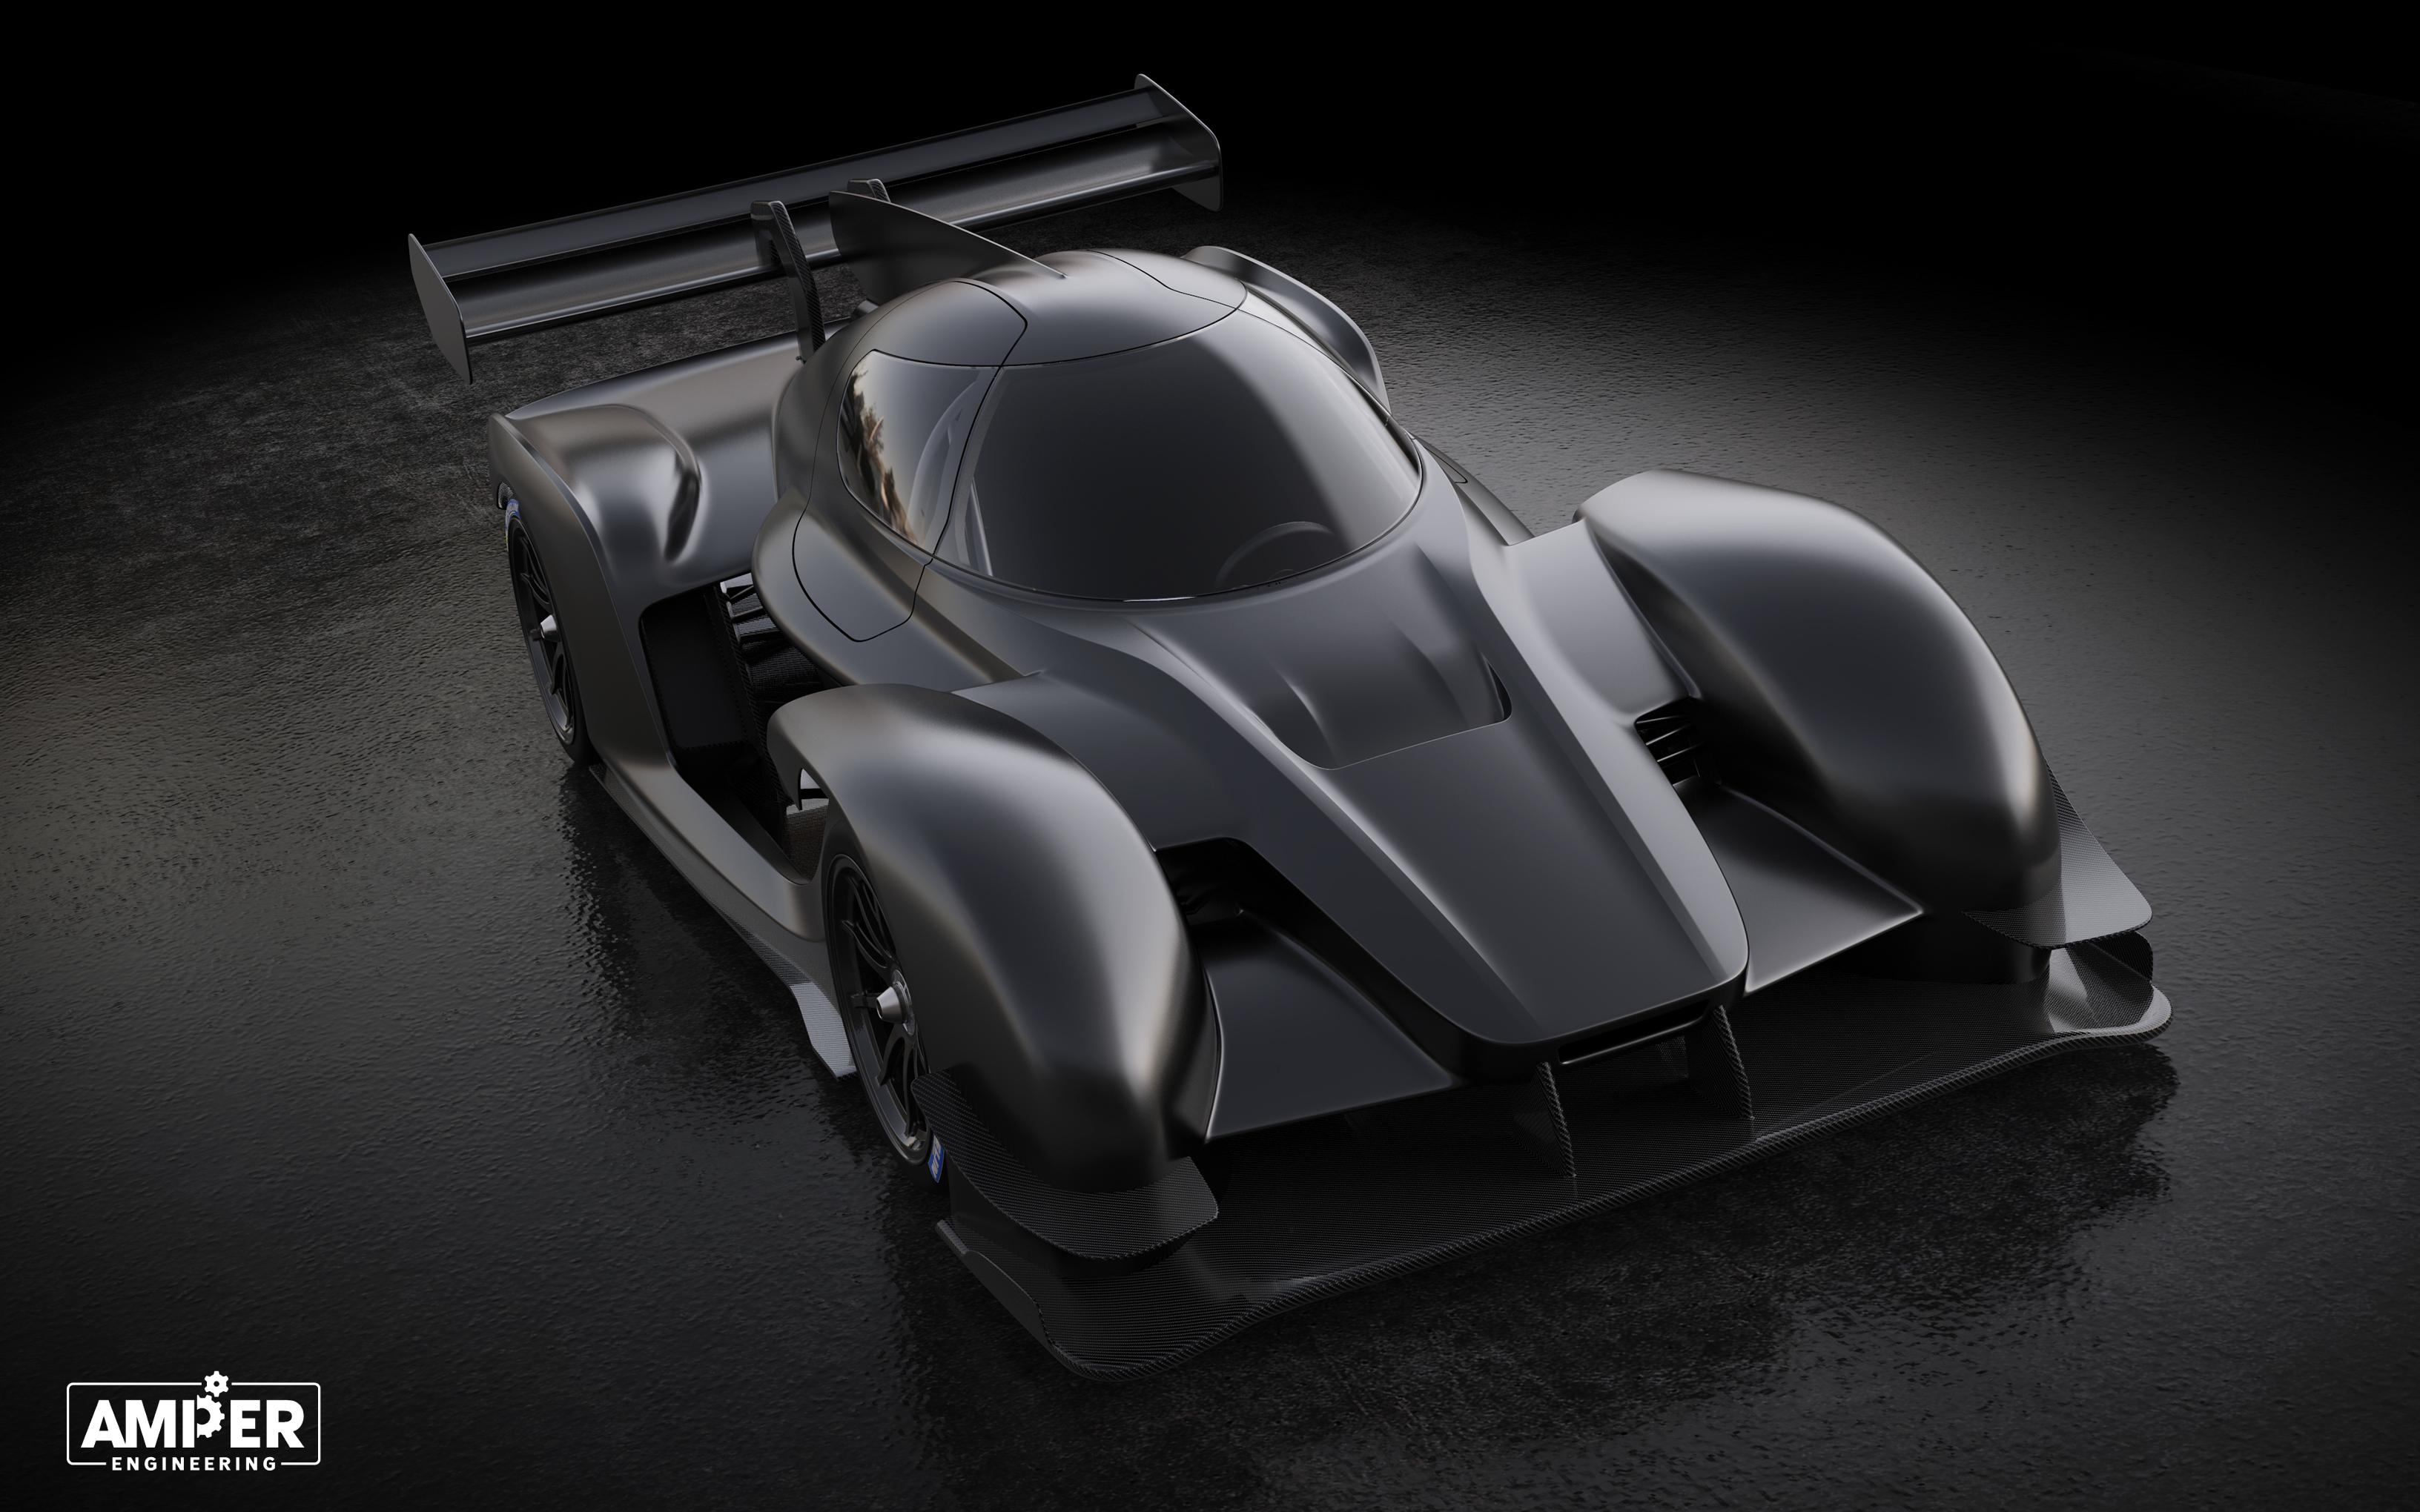 Eestlased ehitavad autot, mille näitajad on maailmatasemel superautodega võrreldavad